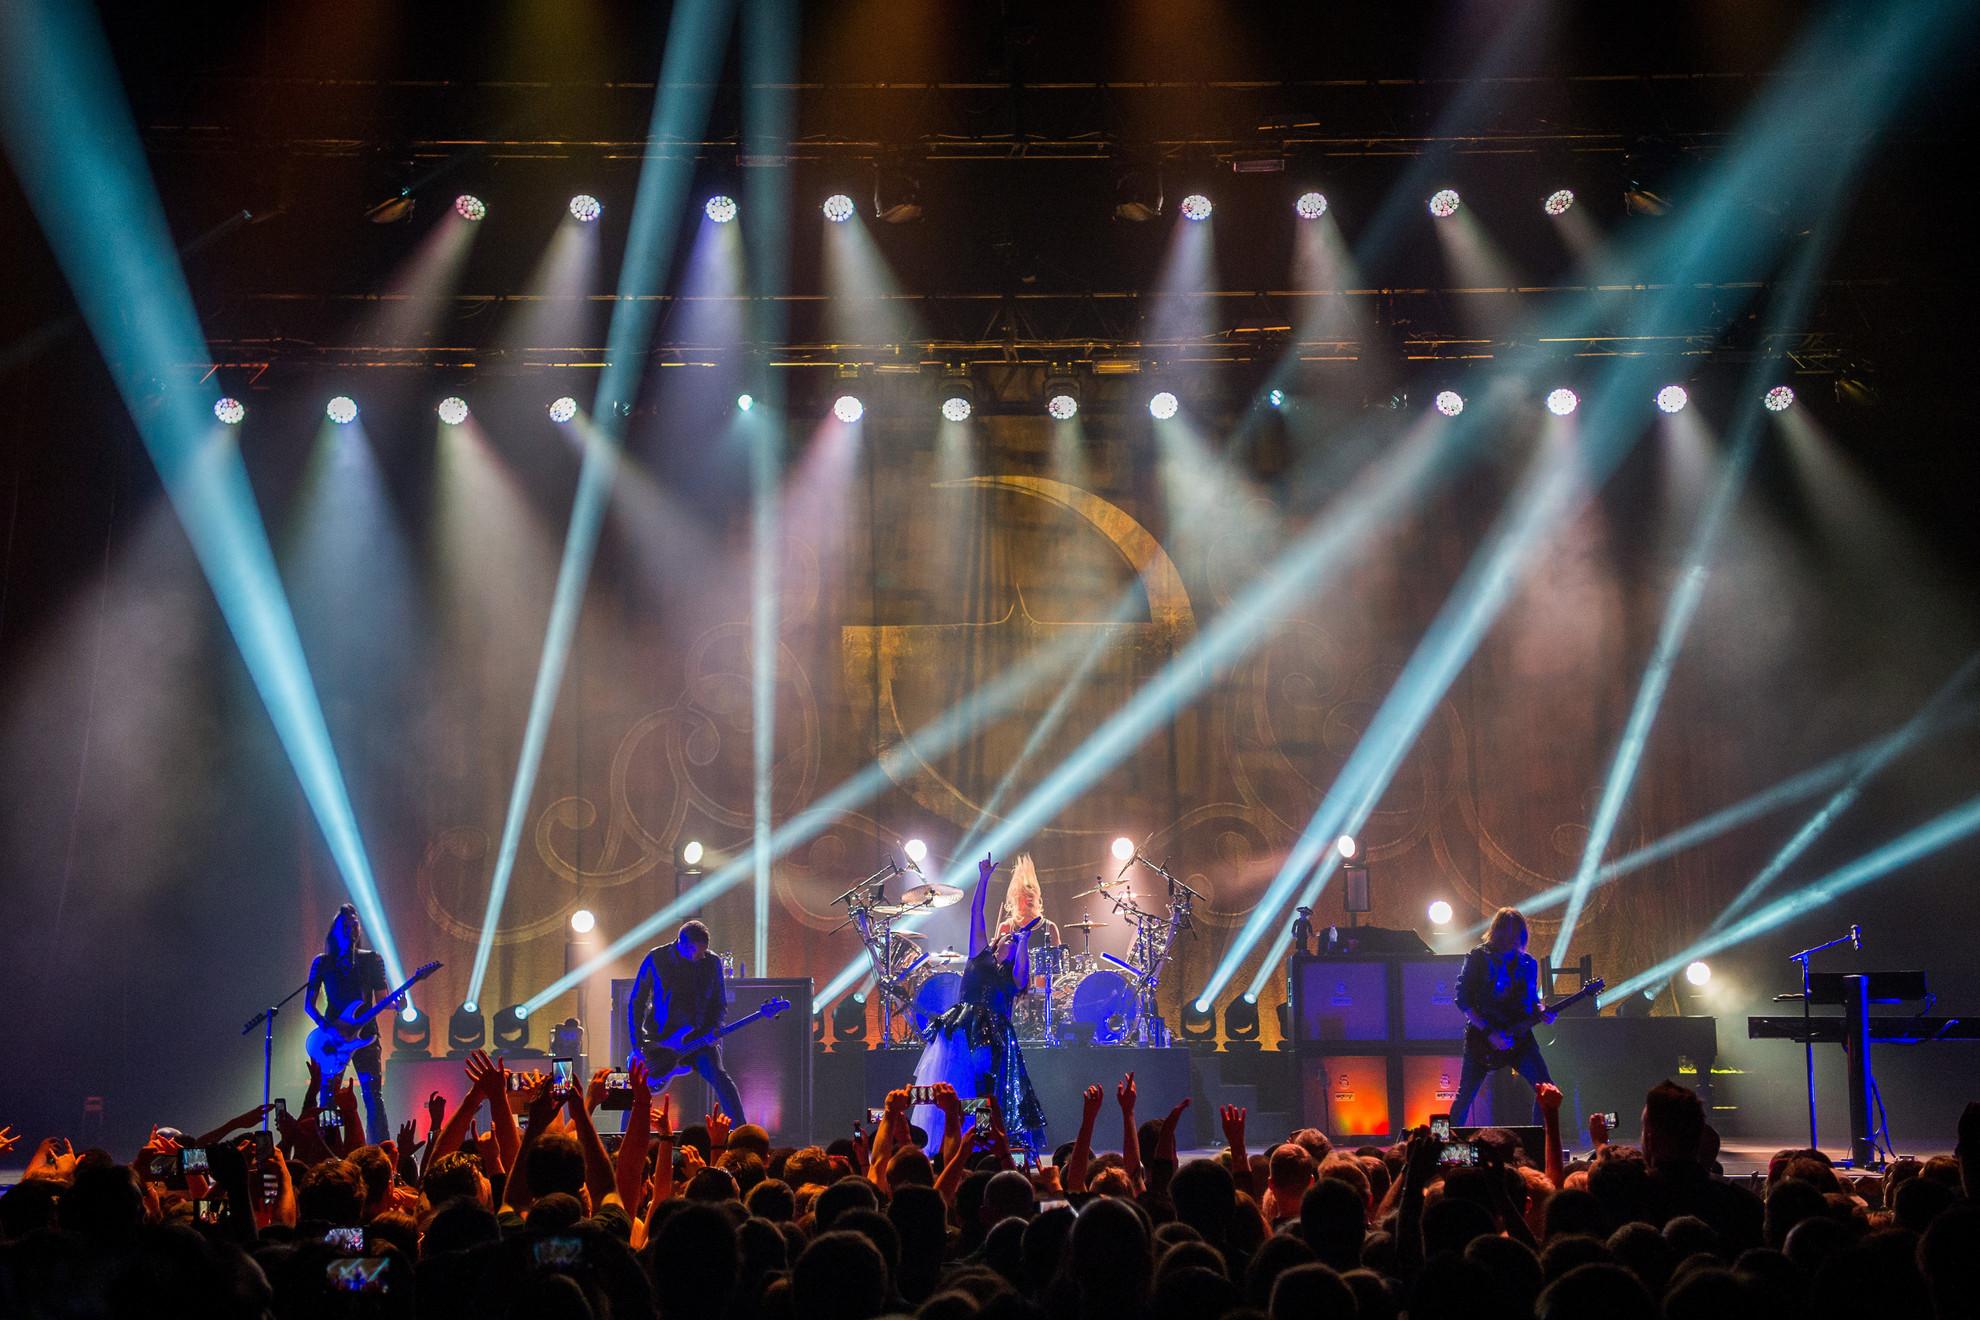 Az Evanescence csak némi fényjátékkal támogatta meg fellépését, főként a zenével próbálták megragadni a közönséget, ami sikerült is nekik